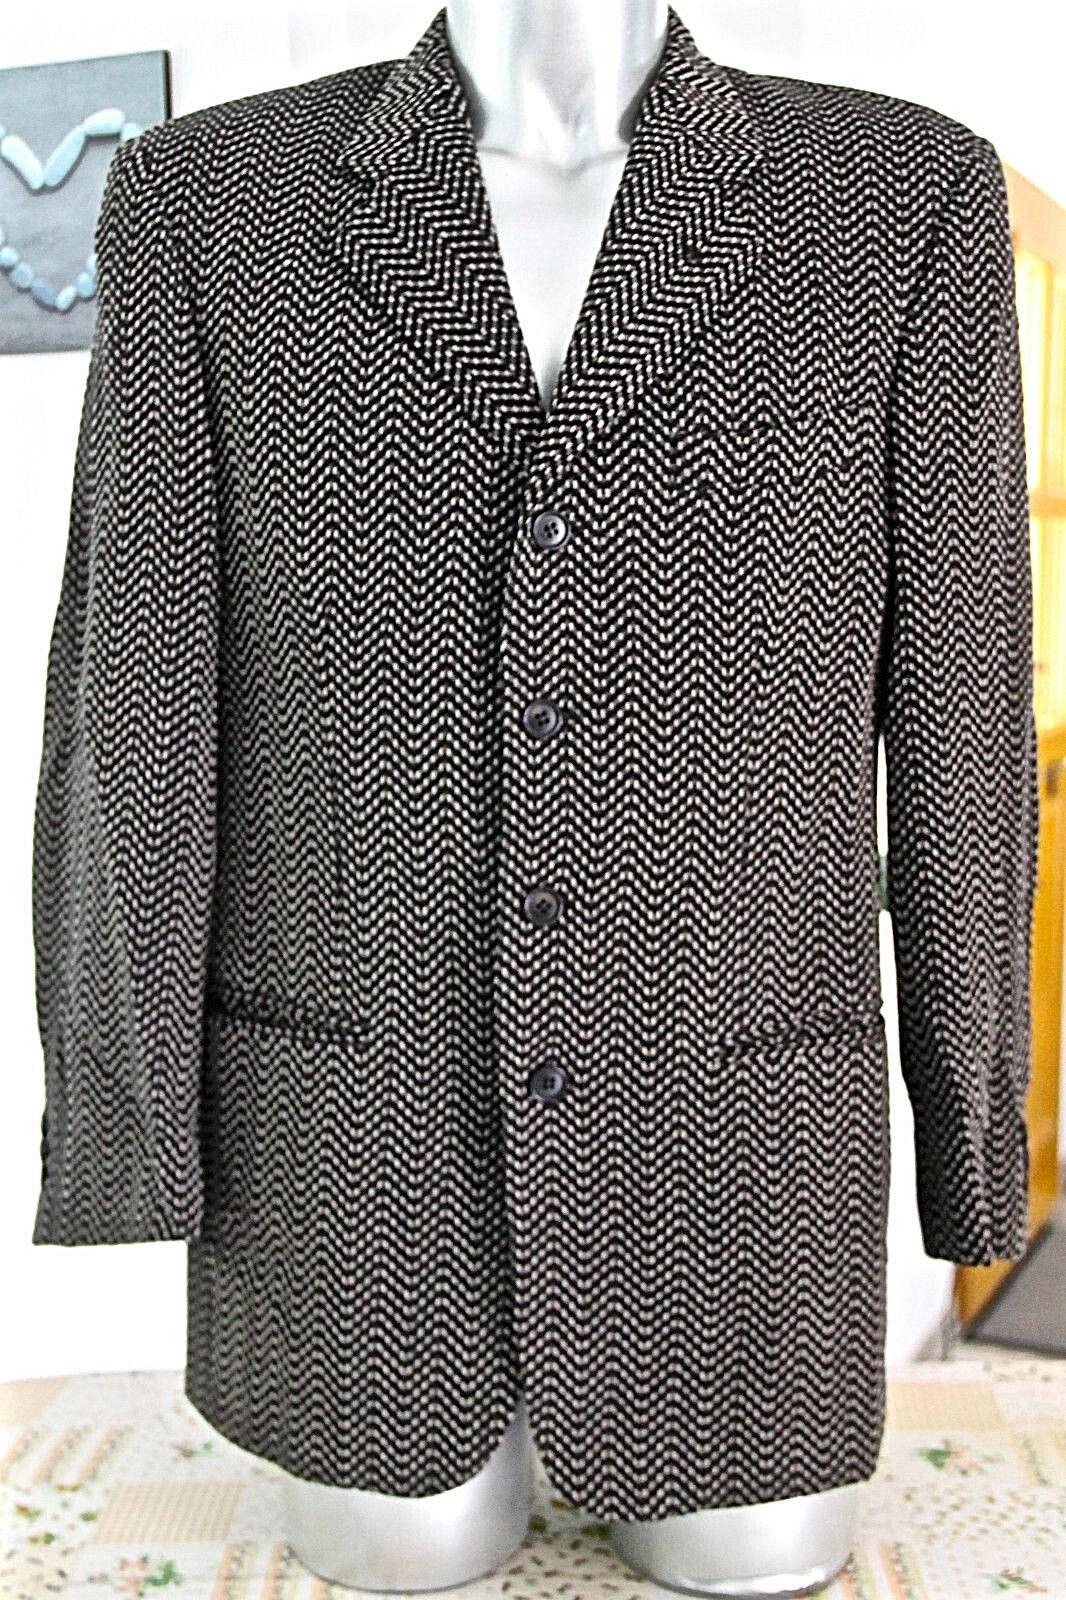 Luxueuse veste bcbg chevrons hiver homme CERRUTI 1881 size 48 (L) COMME NEUVE